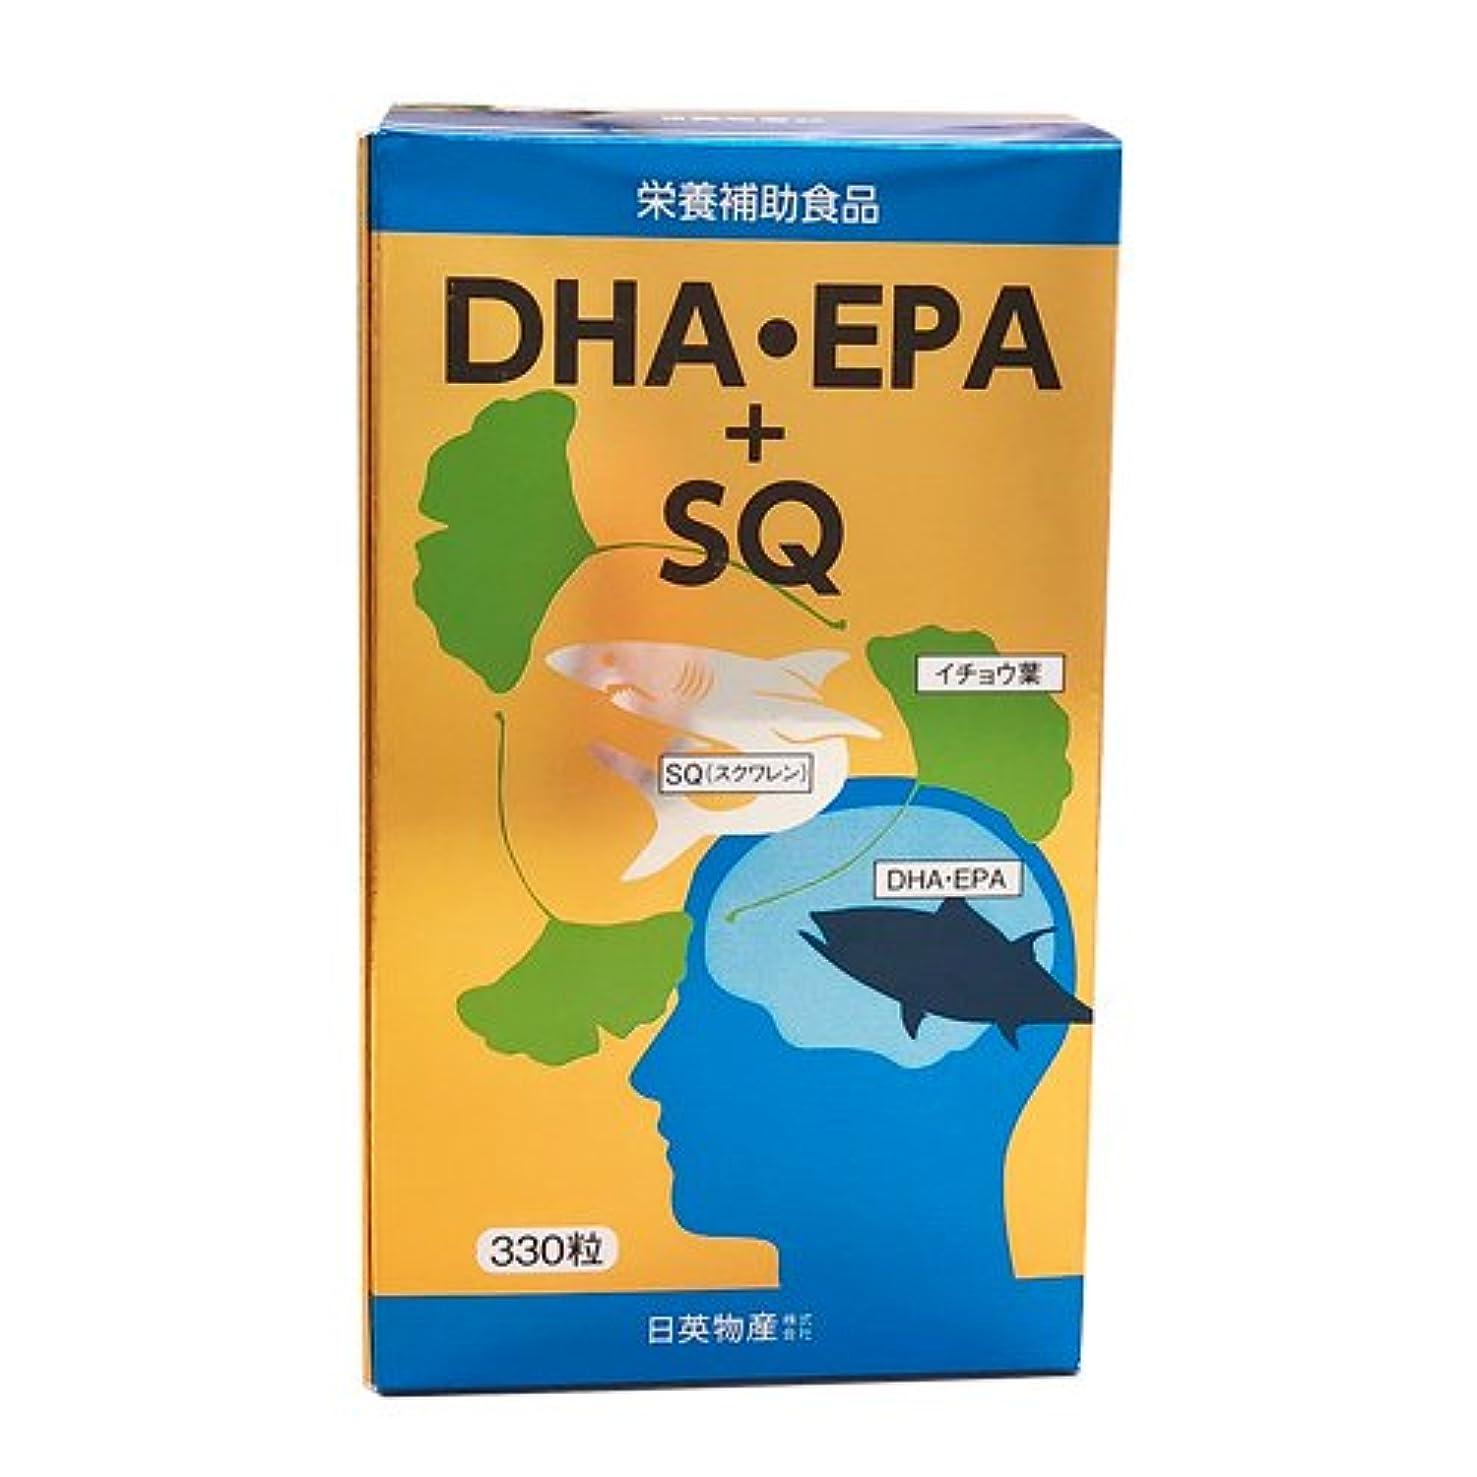 もタイムリーなリズミカルなDHA・EPA+SQ